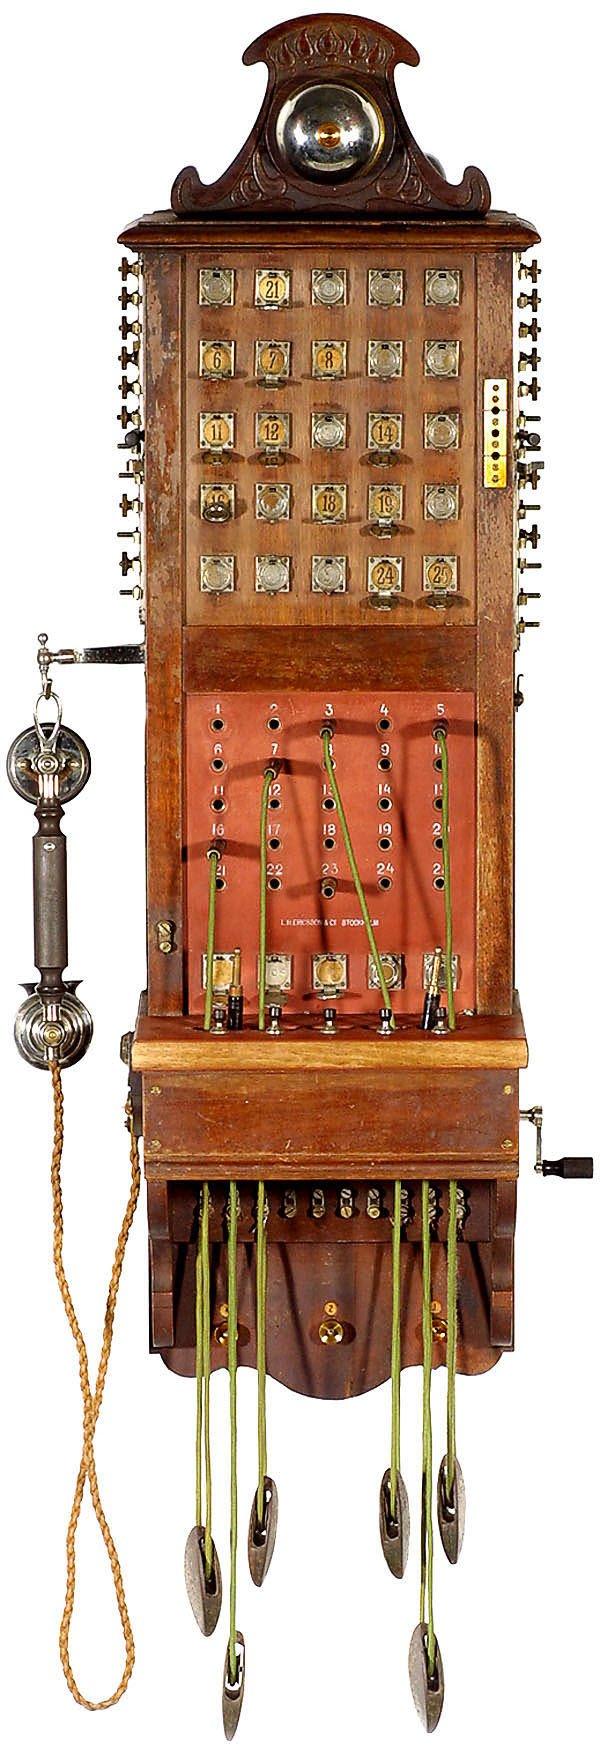 75:Telephonzentrale L.M. Ericsson -Vintage telephone